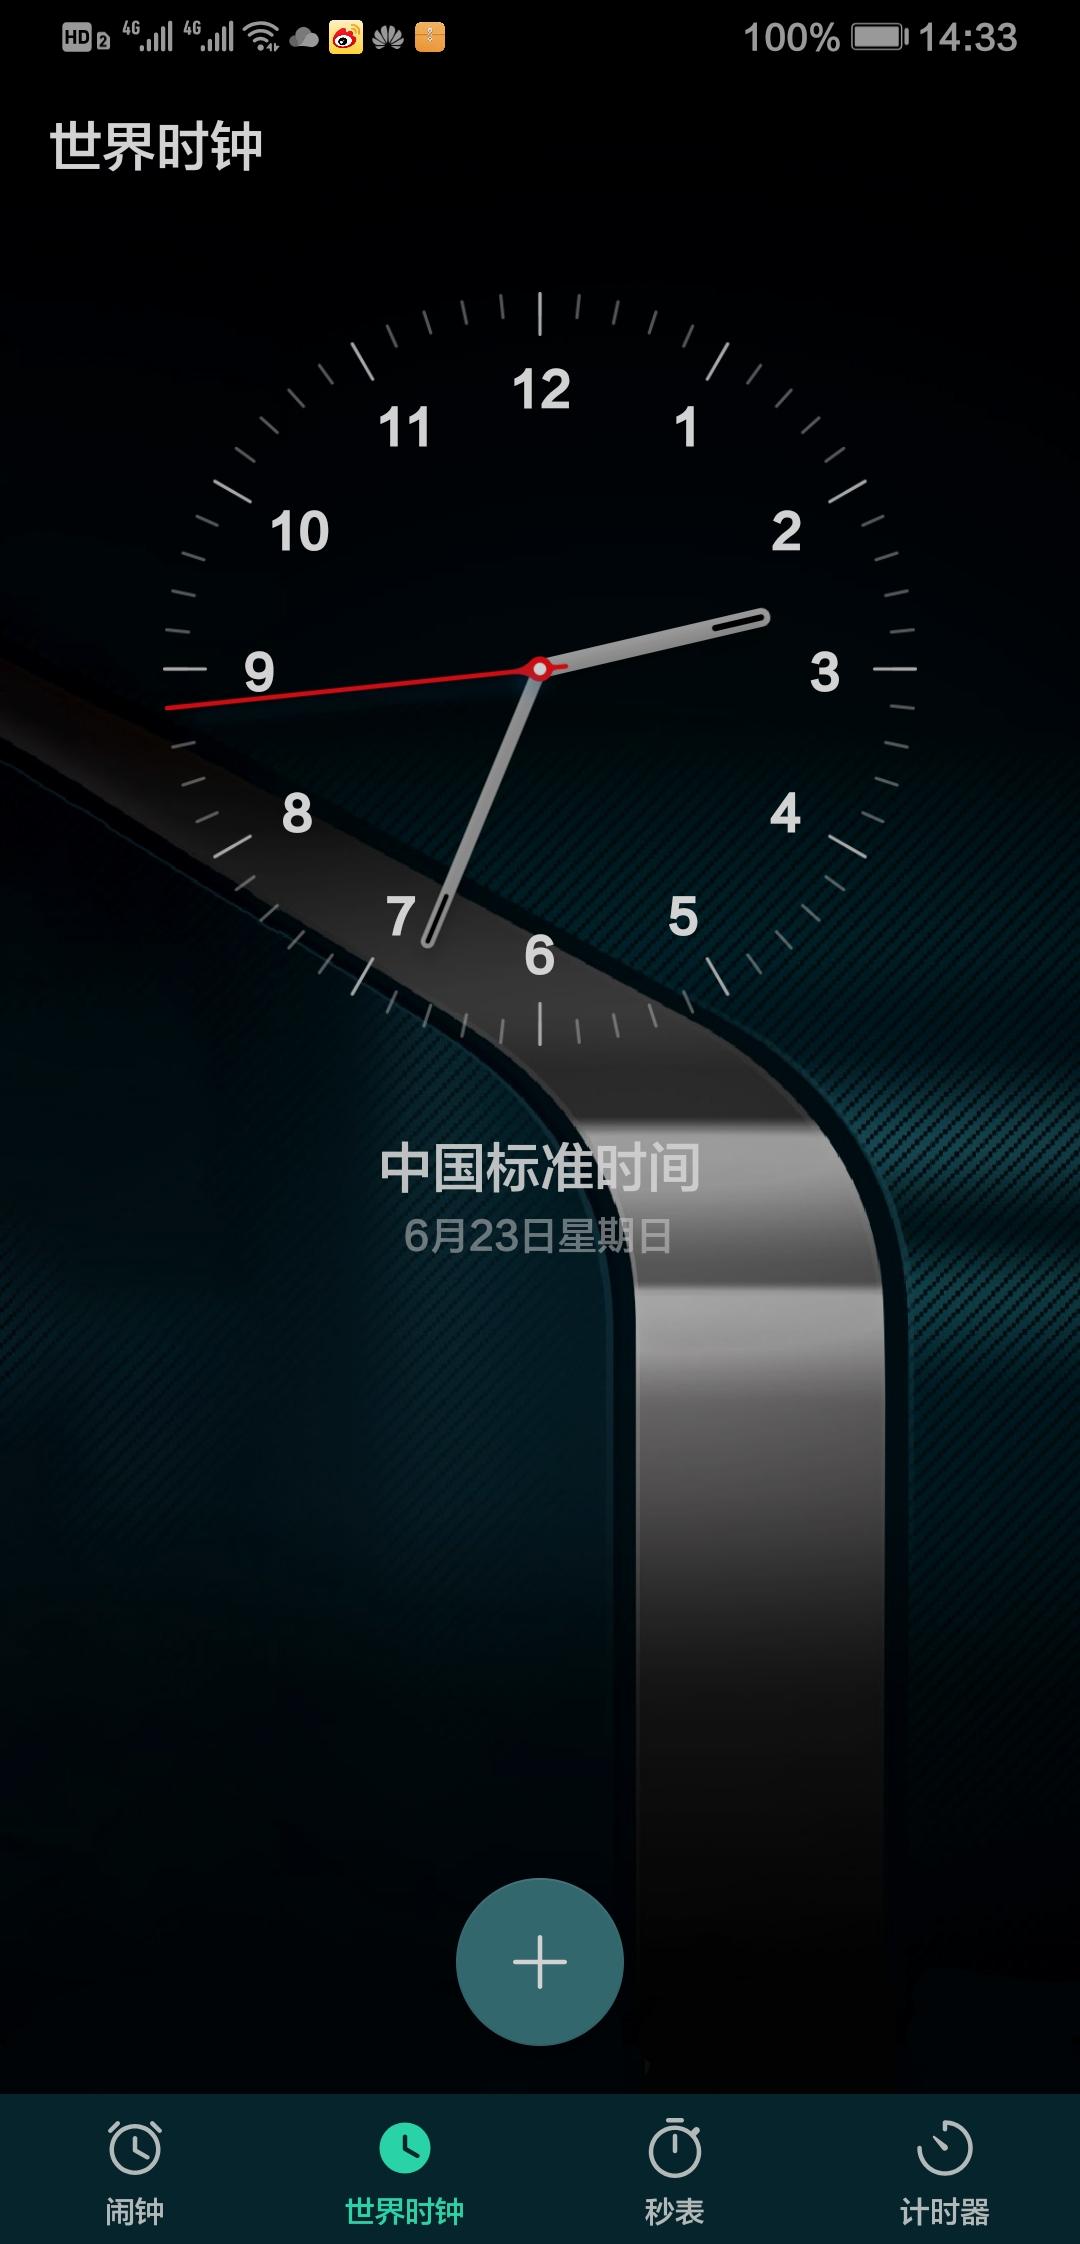 Screenshot_20190623_143344_com.android.deskclock.jpg